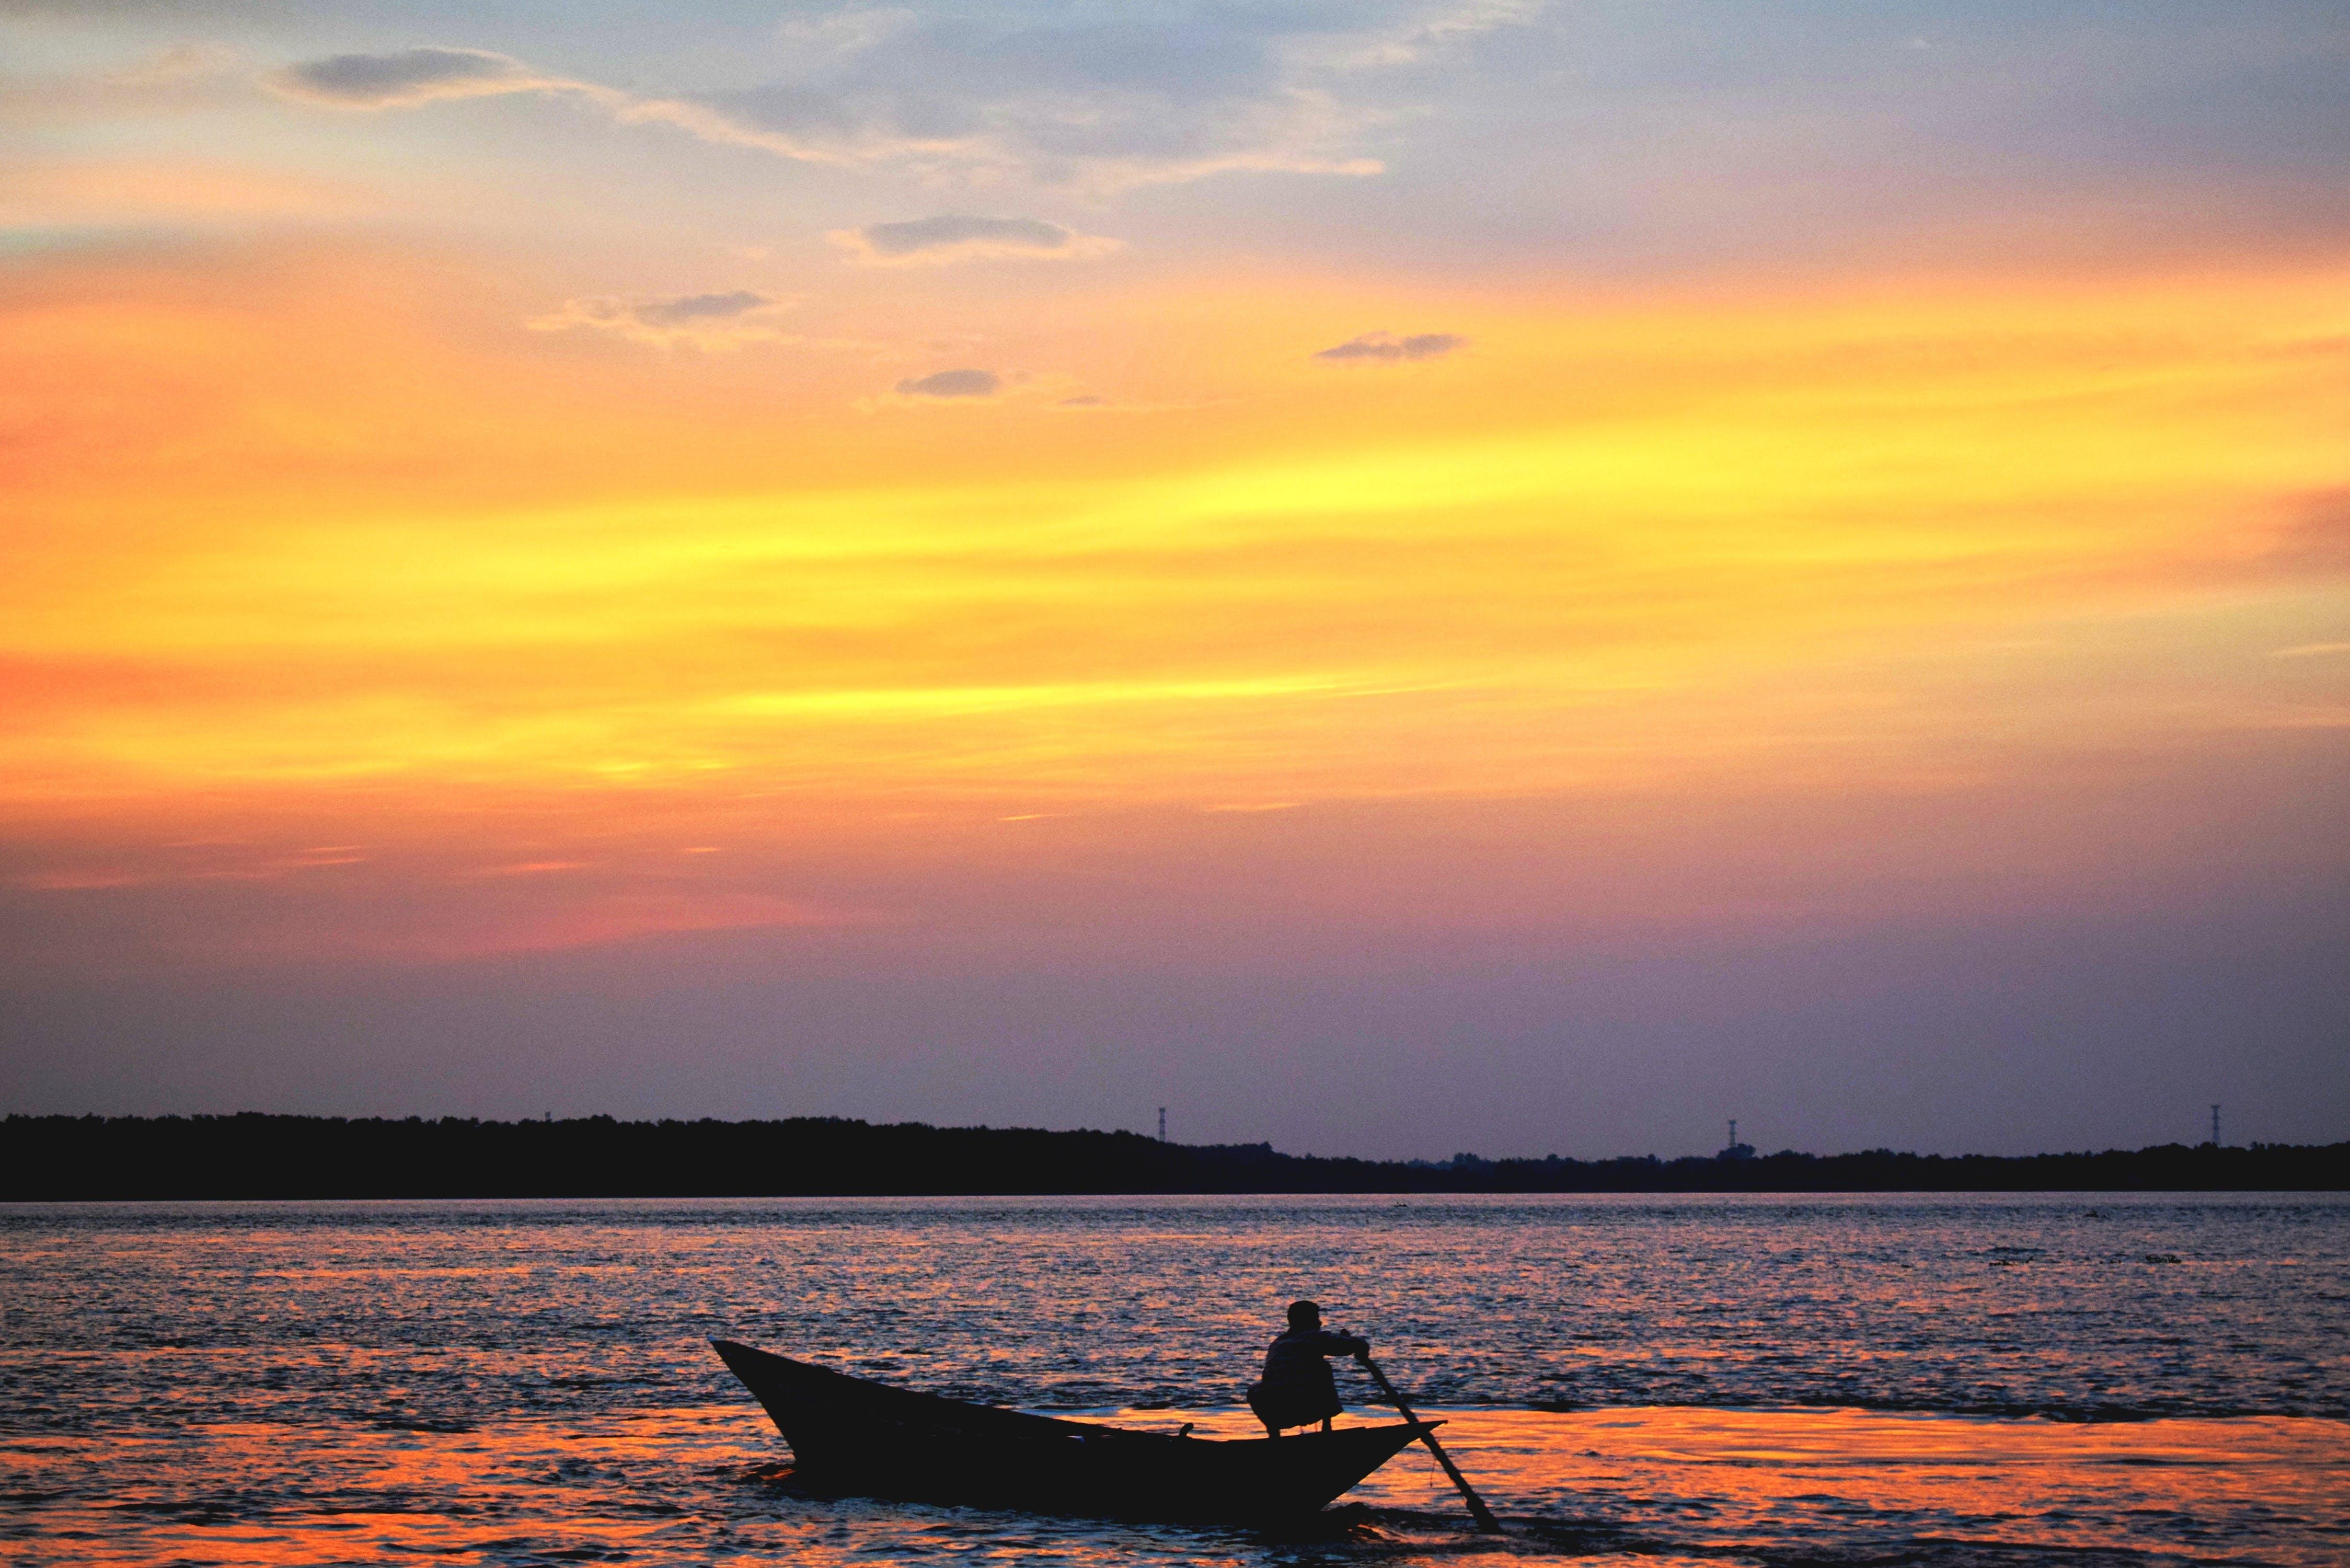 天空, 日出, 日落, 水 的 免费素材照片